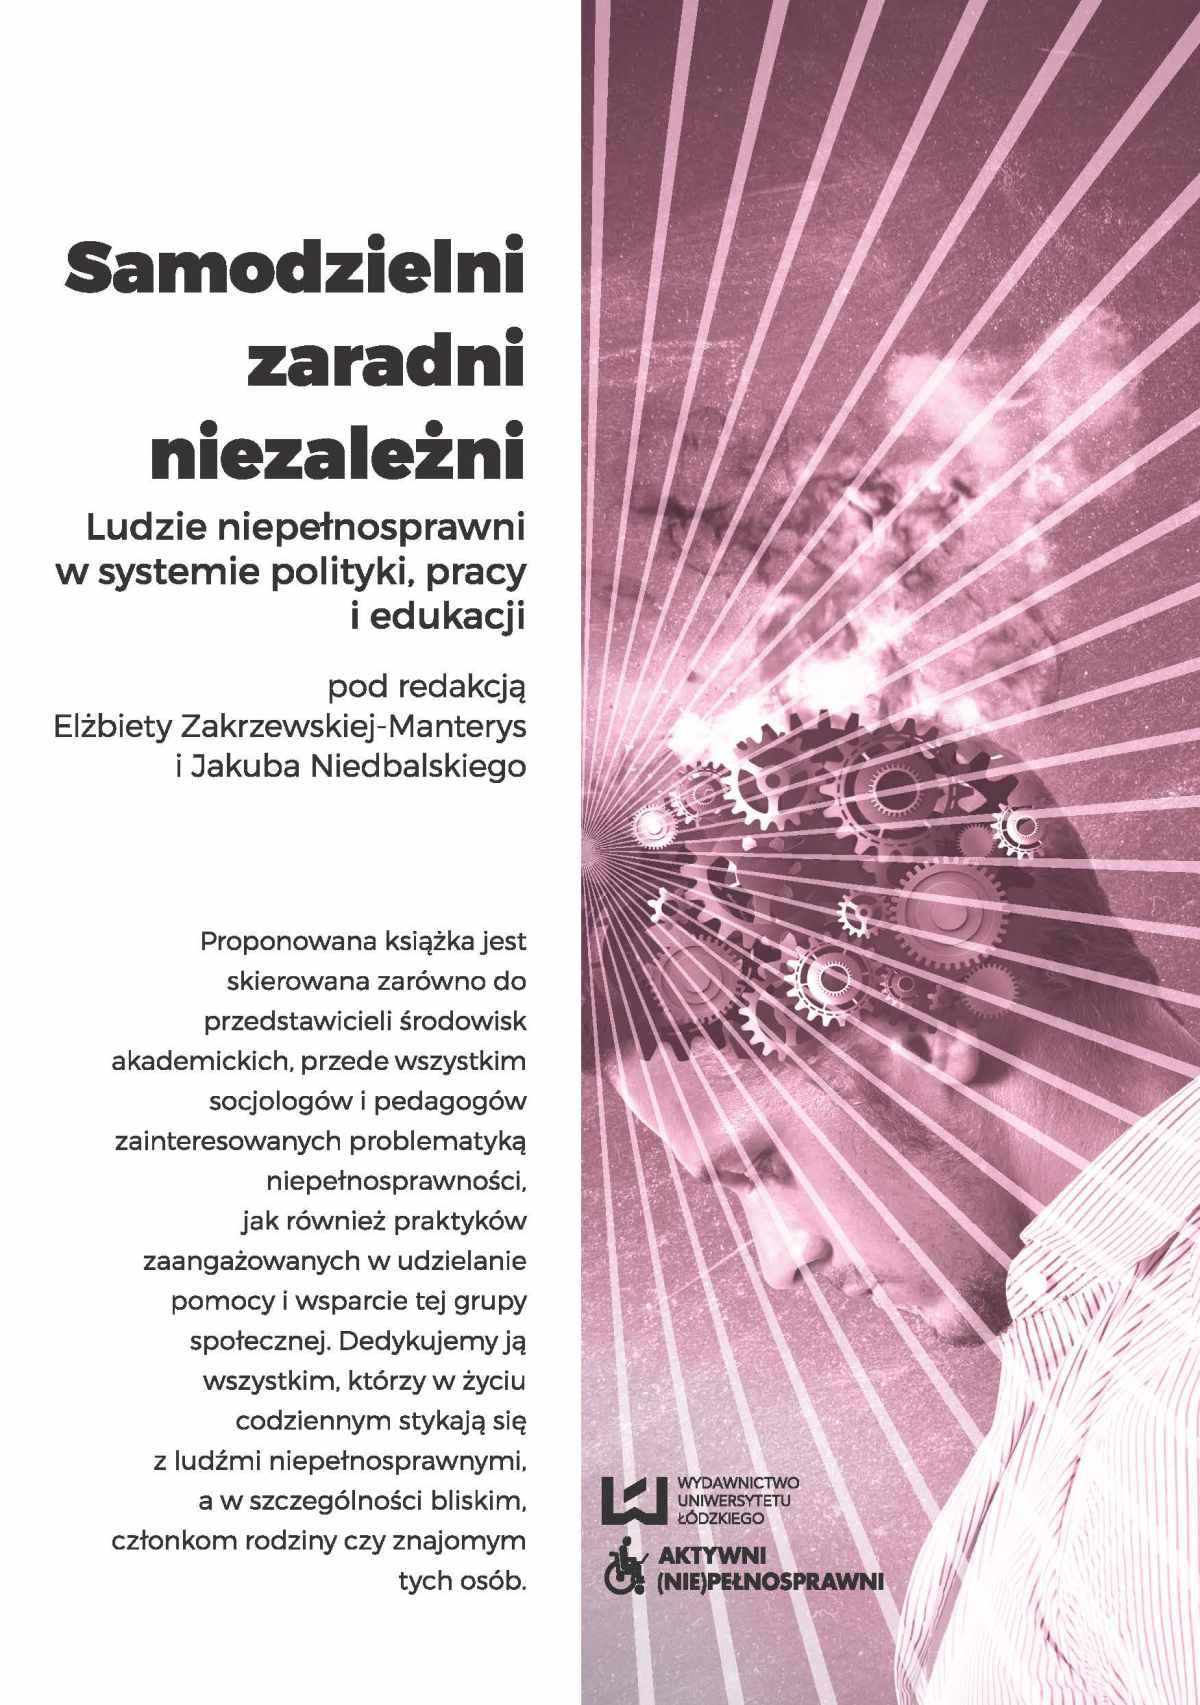 Samodzielni, zaradni, niezależni. Ludzie niepełnosprawni w systemie polityki, pracy i edukacji - Ebook (Książka PDF) do pobrania w formacie PDF